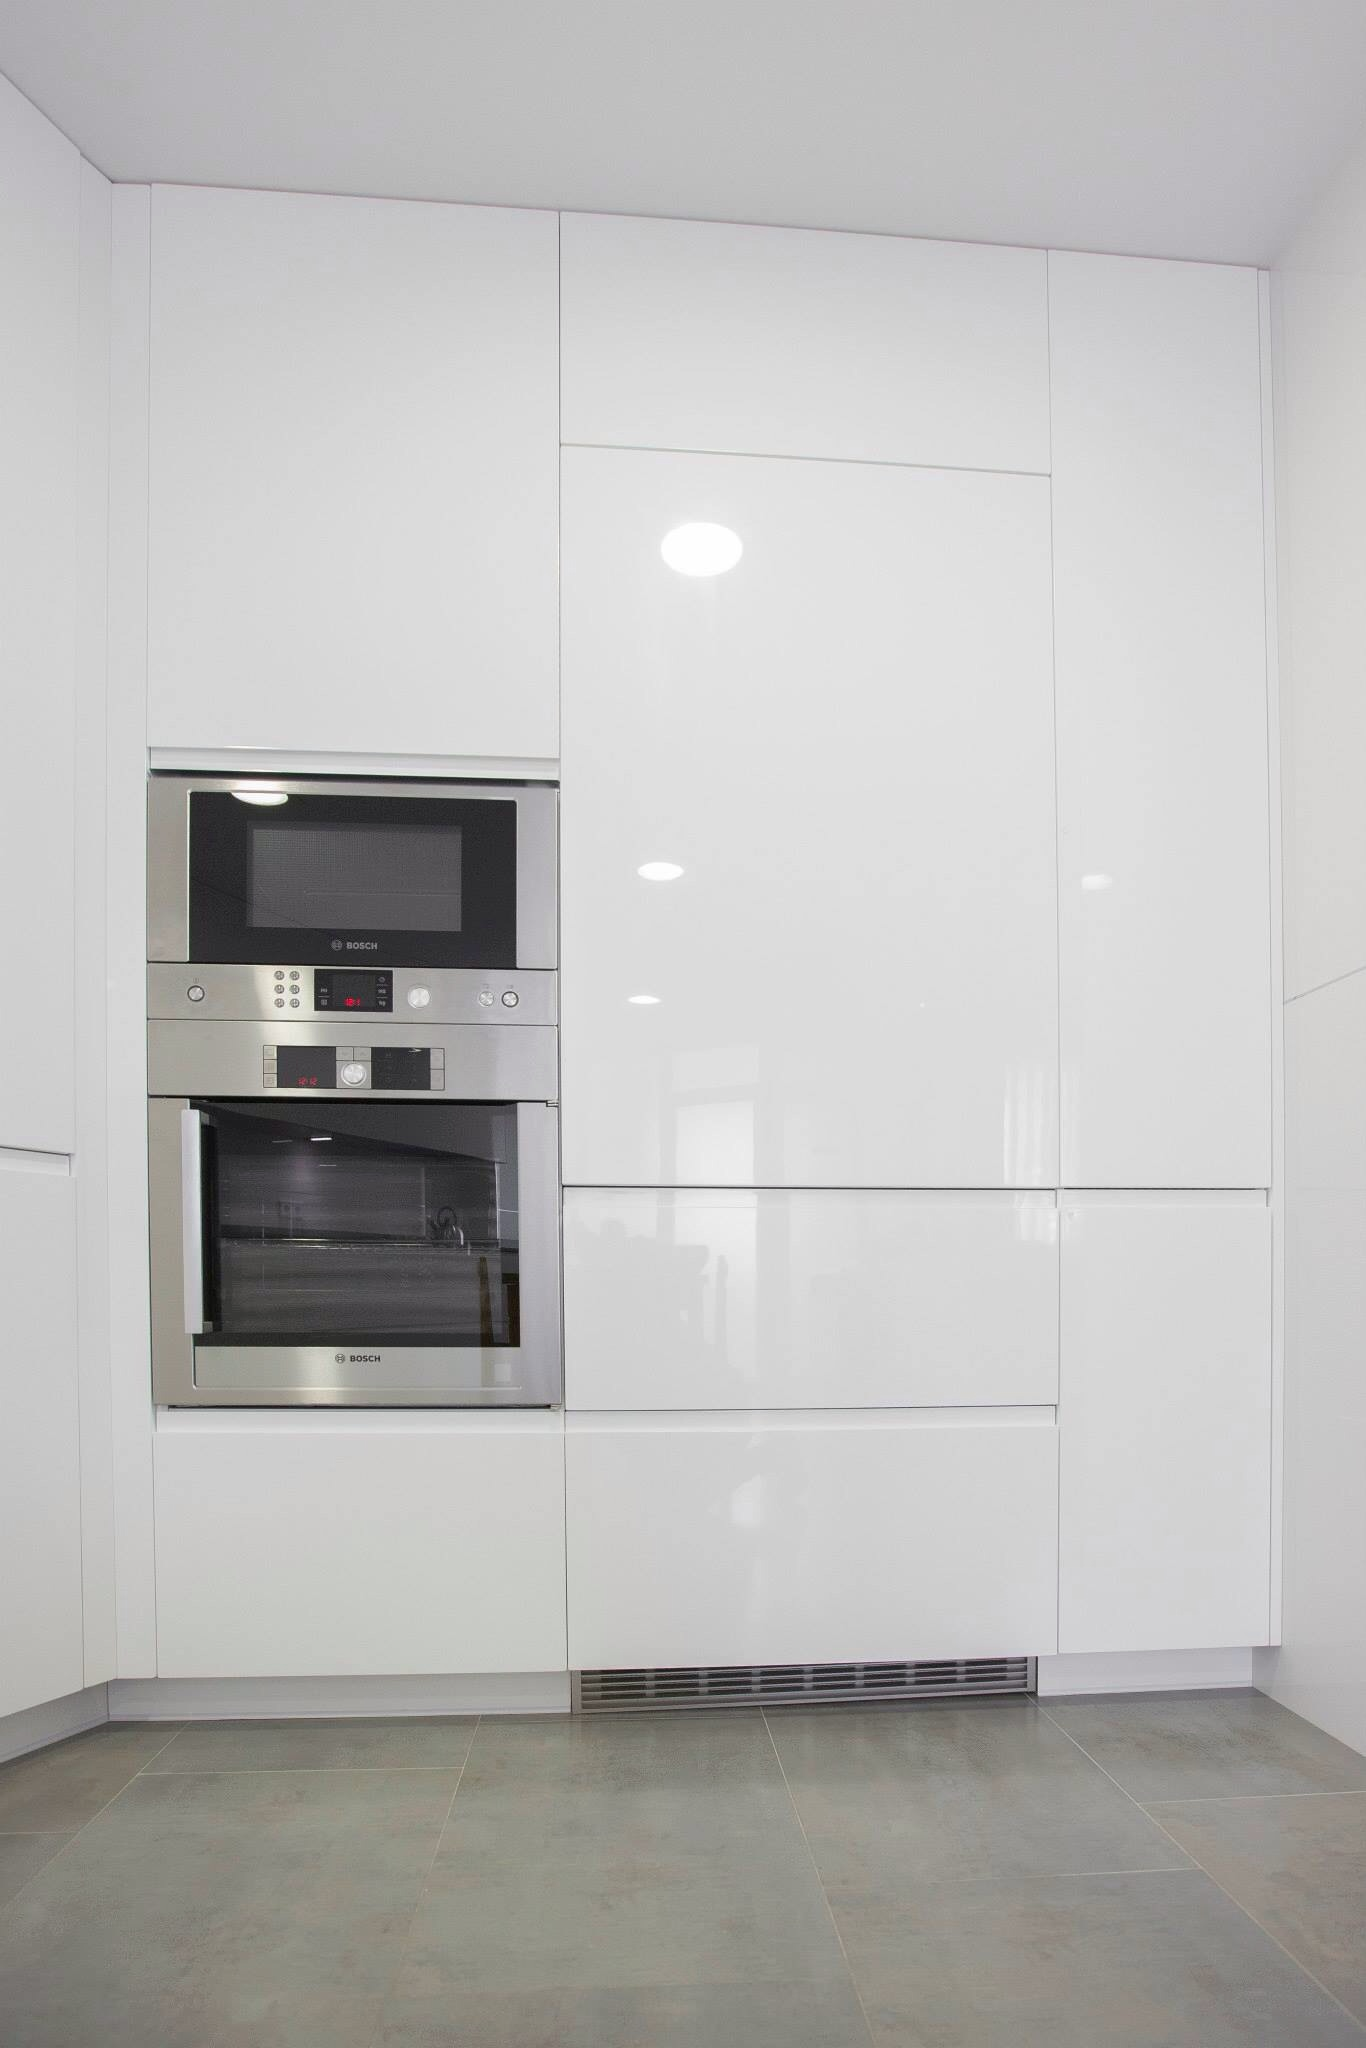 Montaje de cocina muebles lacados blancos brillo ideas - Montaje de cocina ...